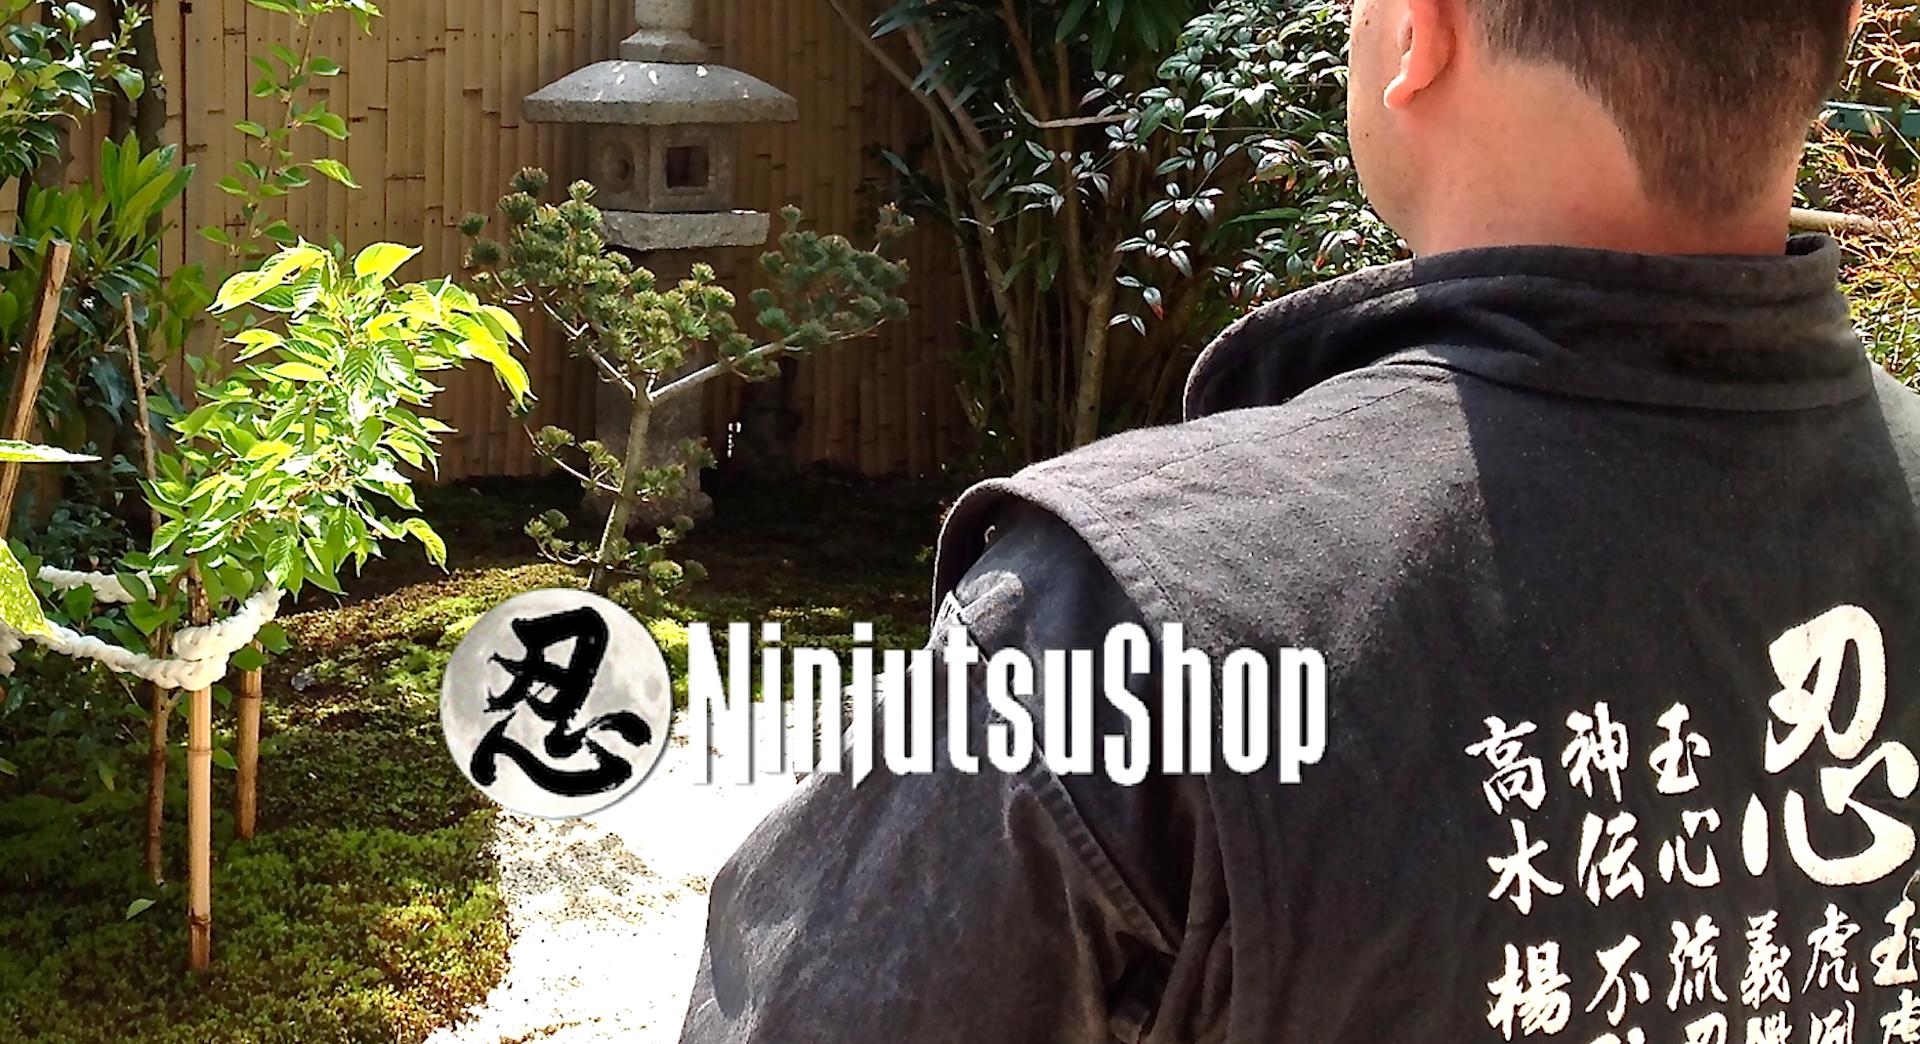 Des pratiquants Ninjutsu du Japon au service des pratiquants Ninjutsu du monde entier !